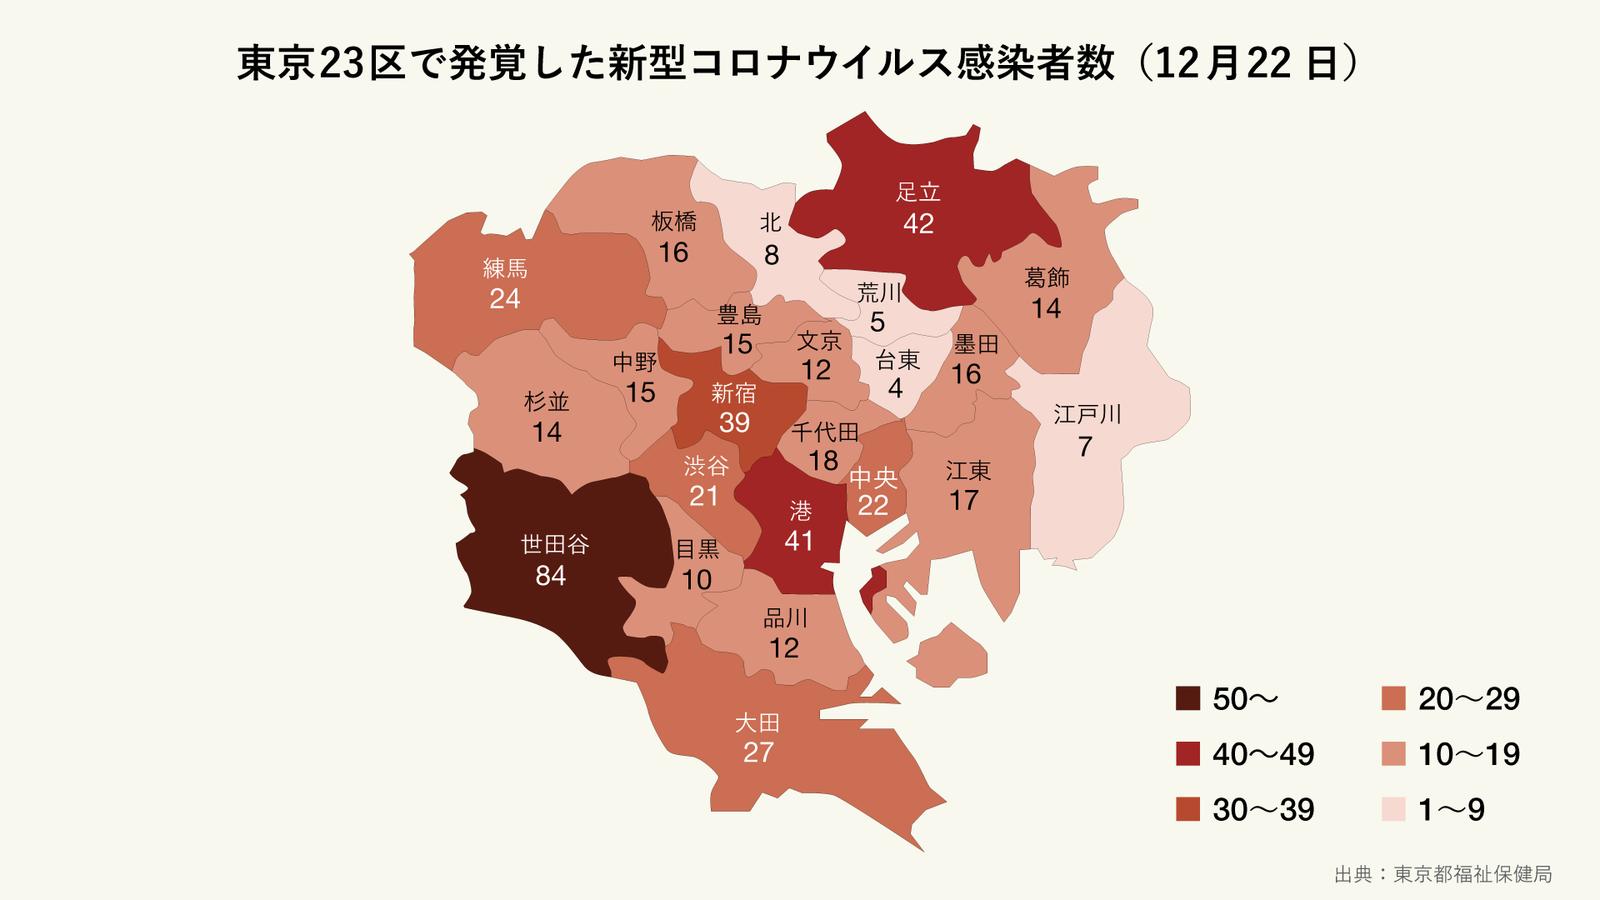 12月22日に発覚した東京23区の区ごとの新型コロナウイルス感染者数(マップ)